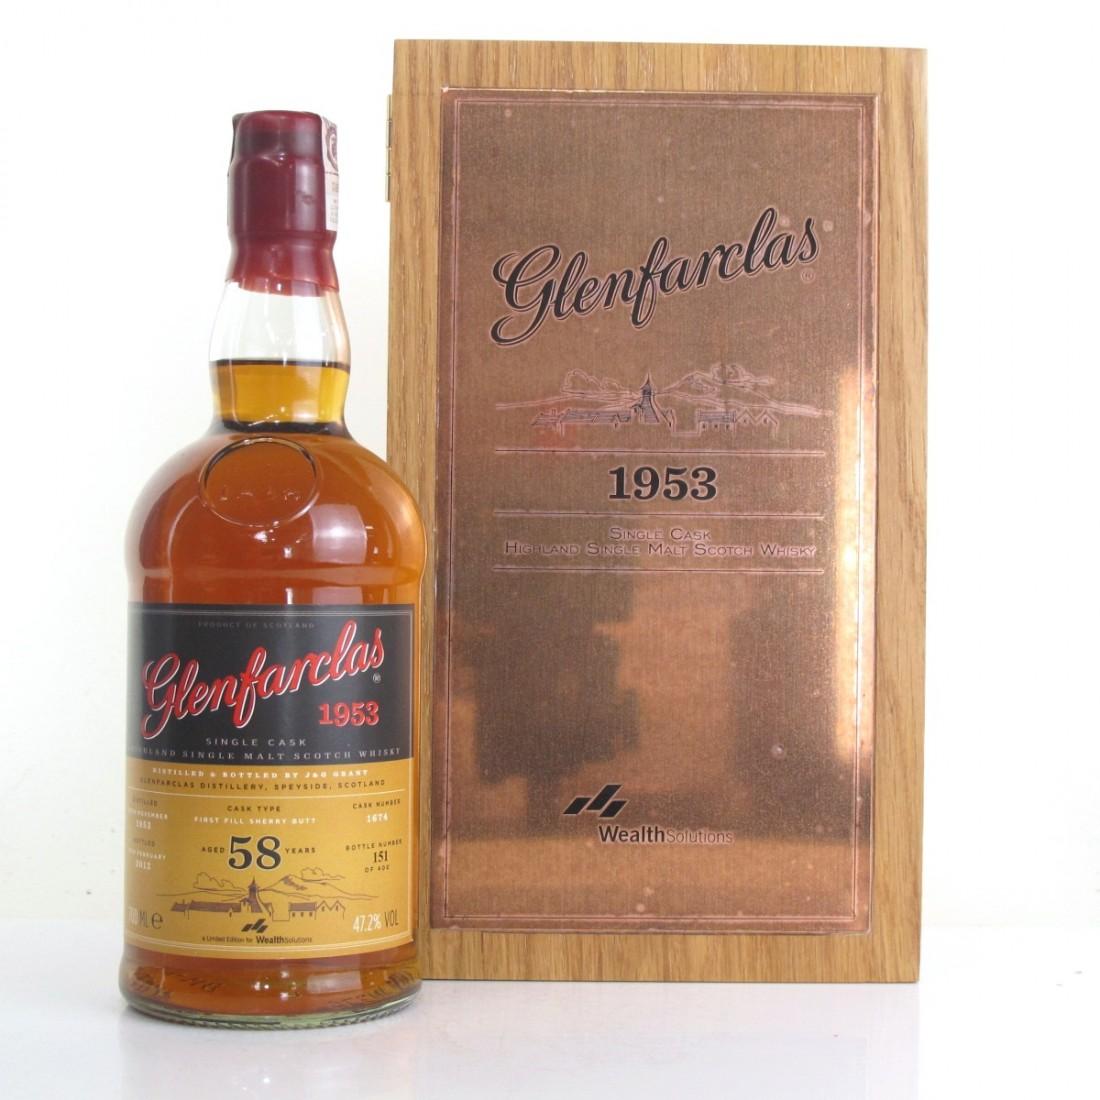 Glenfarclas 1953 Single Cask 58 Year Old / Wealth Solutions